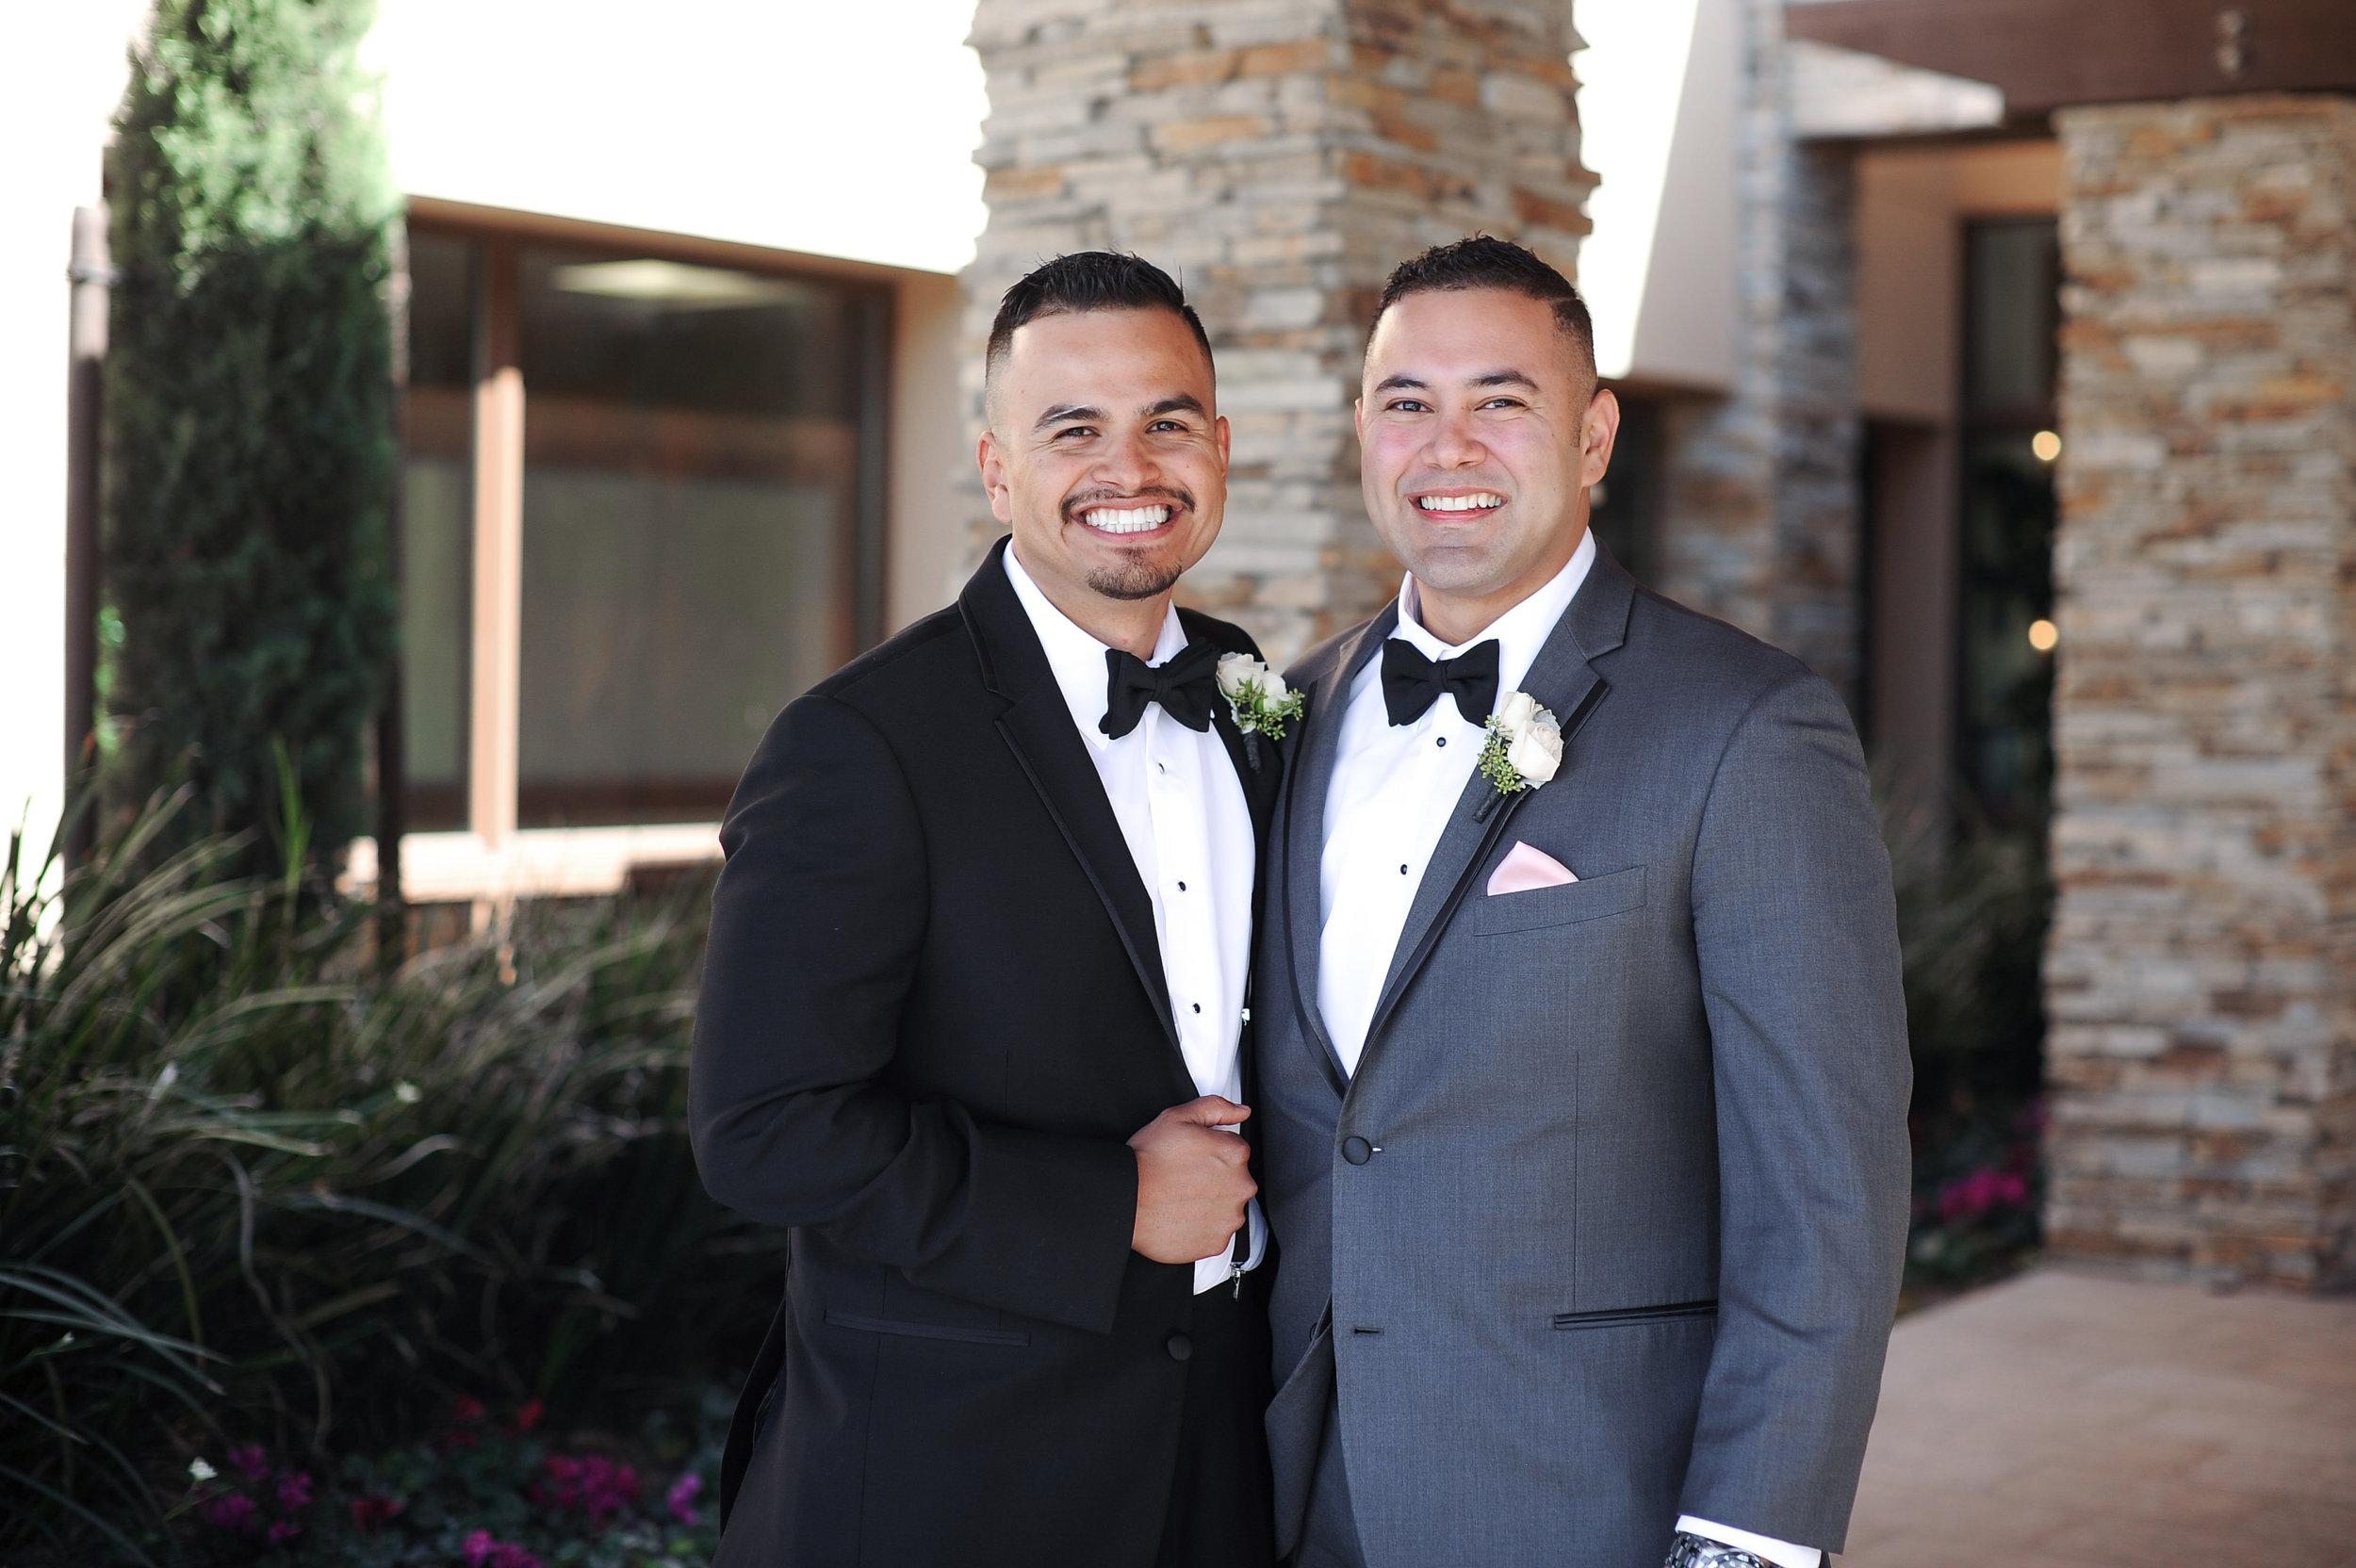 WeddingParty-076.jpg